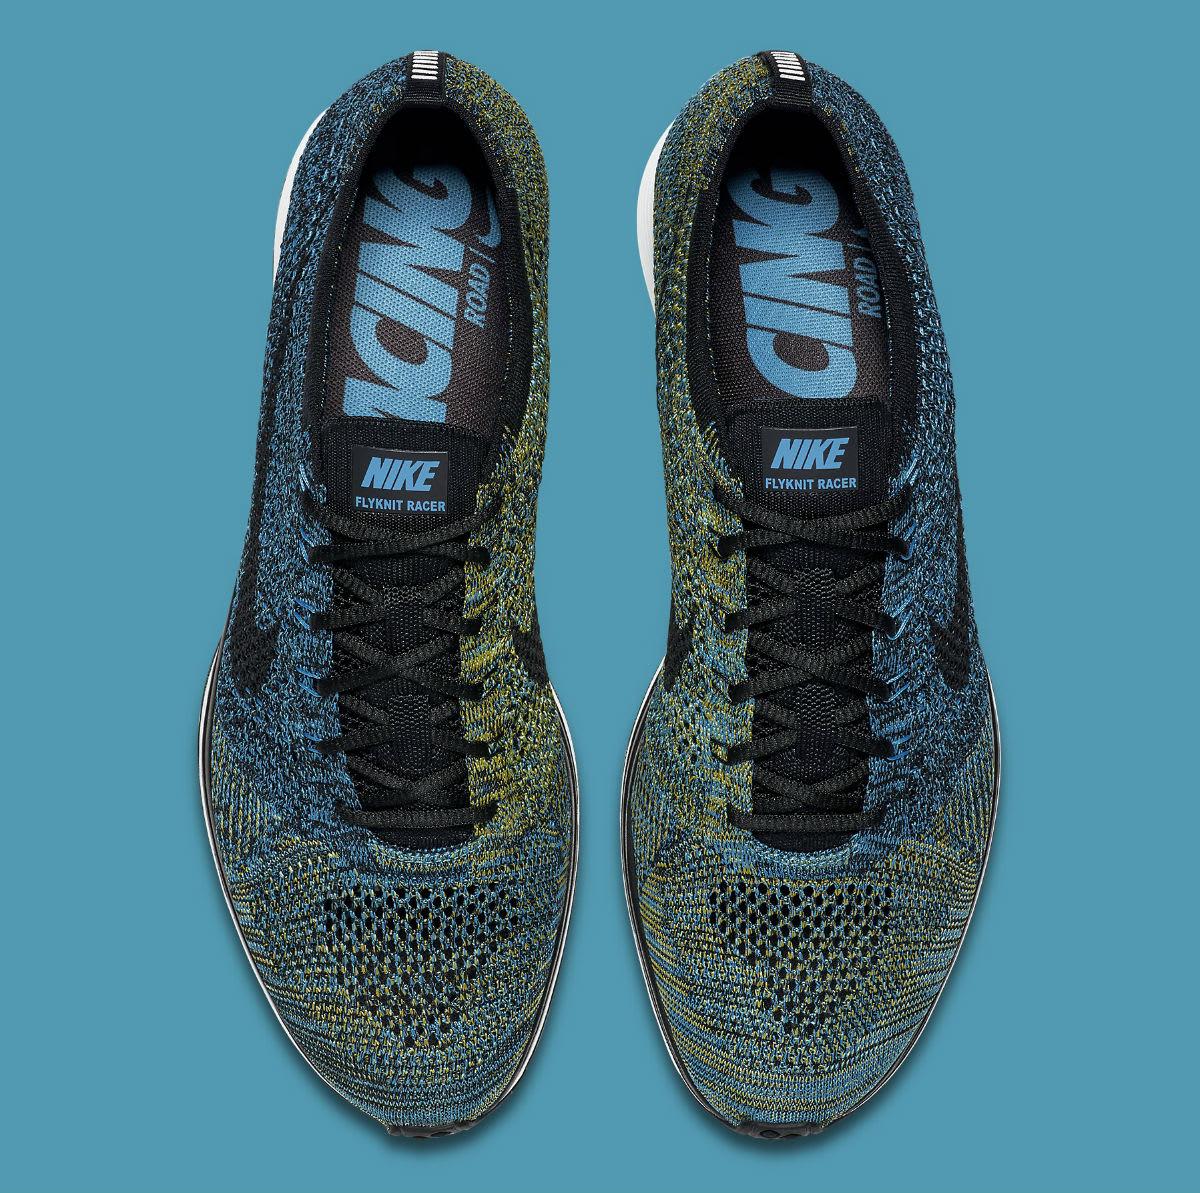 55c52cca388b Nike Flyknit Racer Blue Glow Yellow Strike Release Date 526628-405 ...